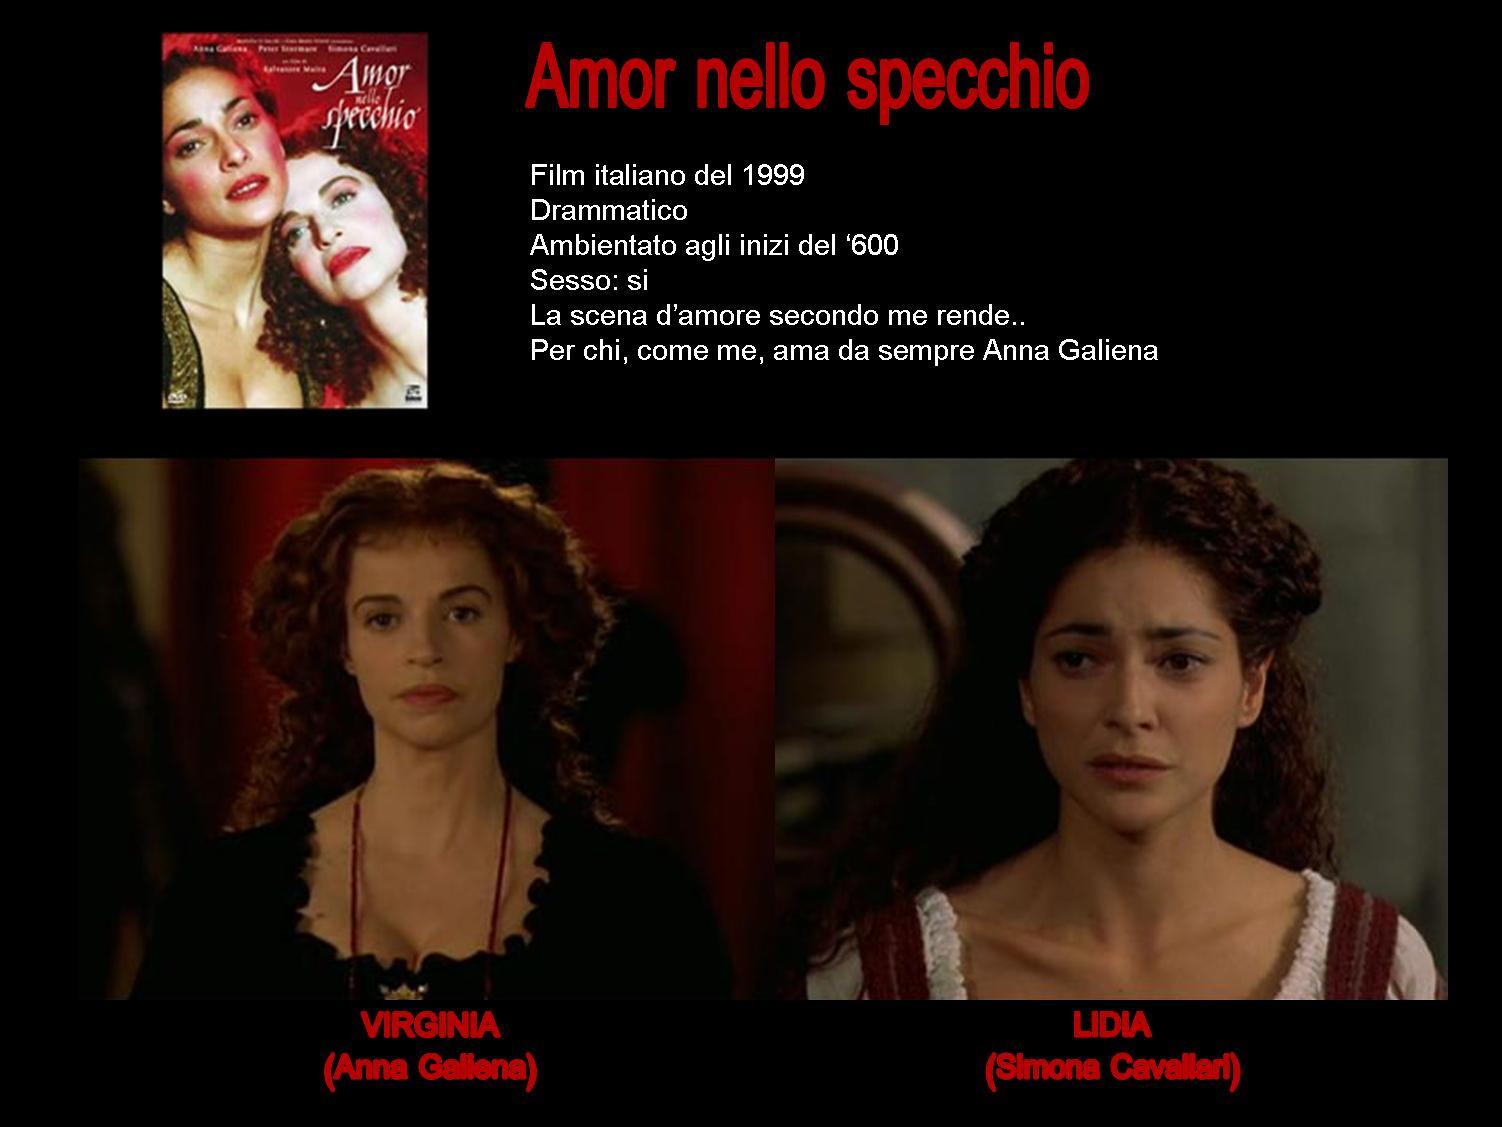 Mondodiunalesbica per donne che amano donne film a h - Amor nello specchio streaming ...